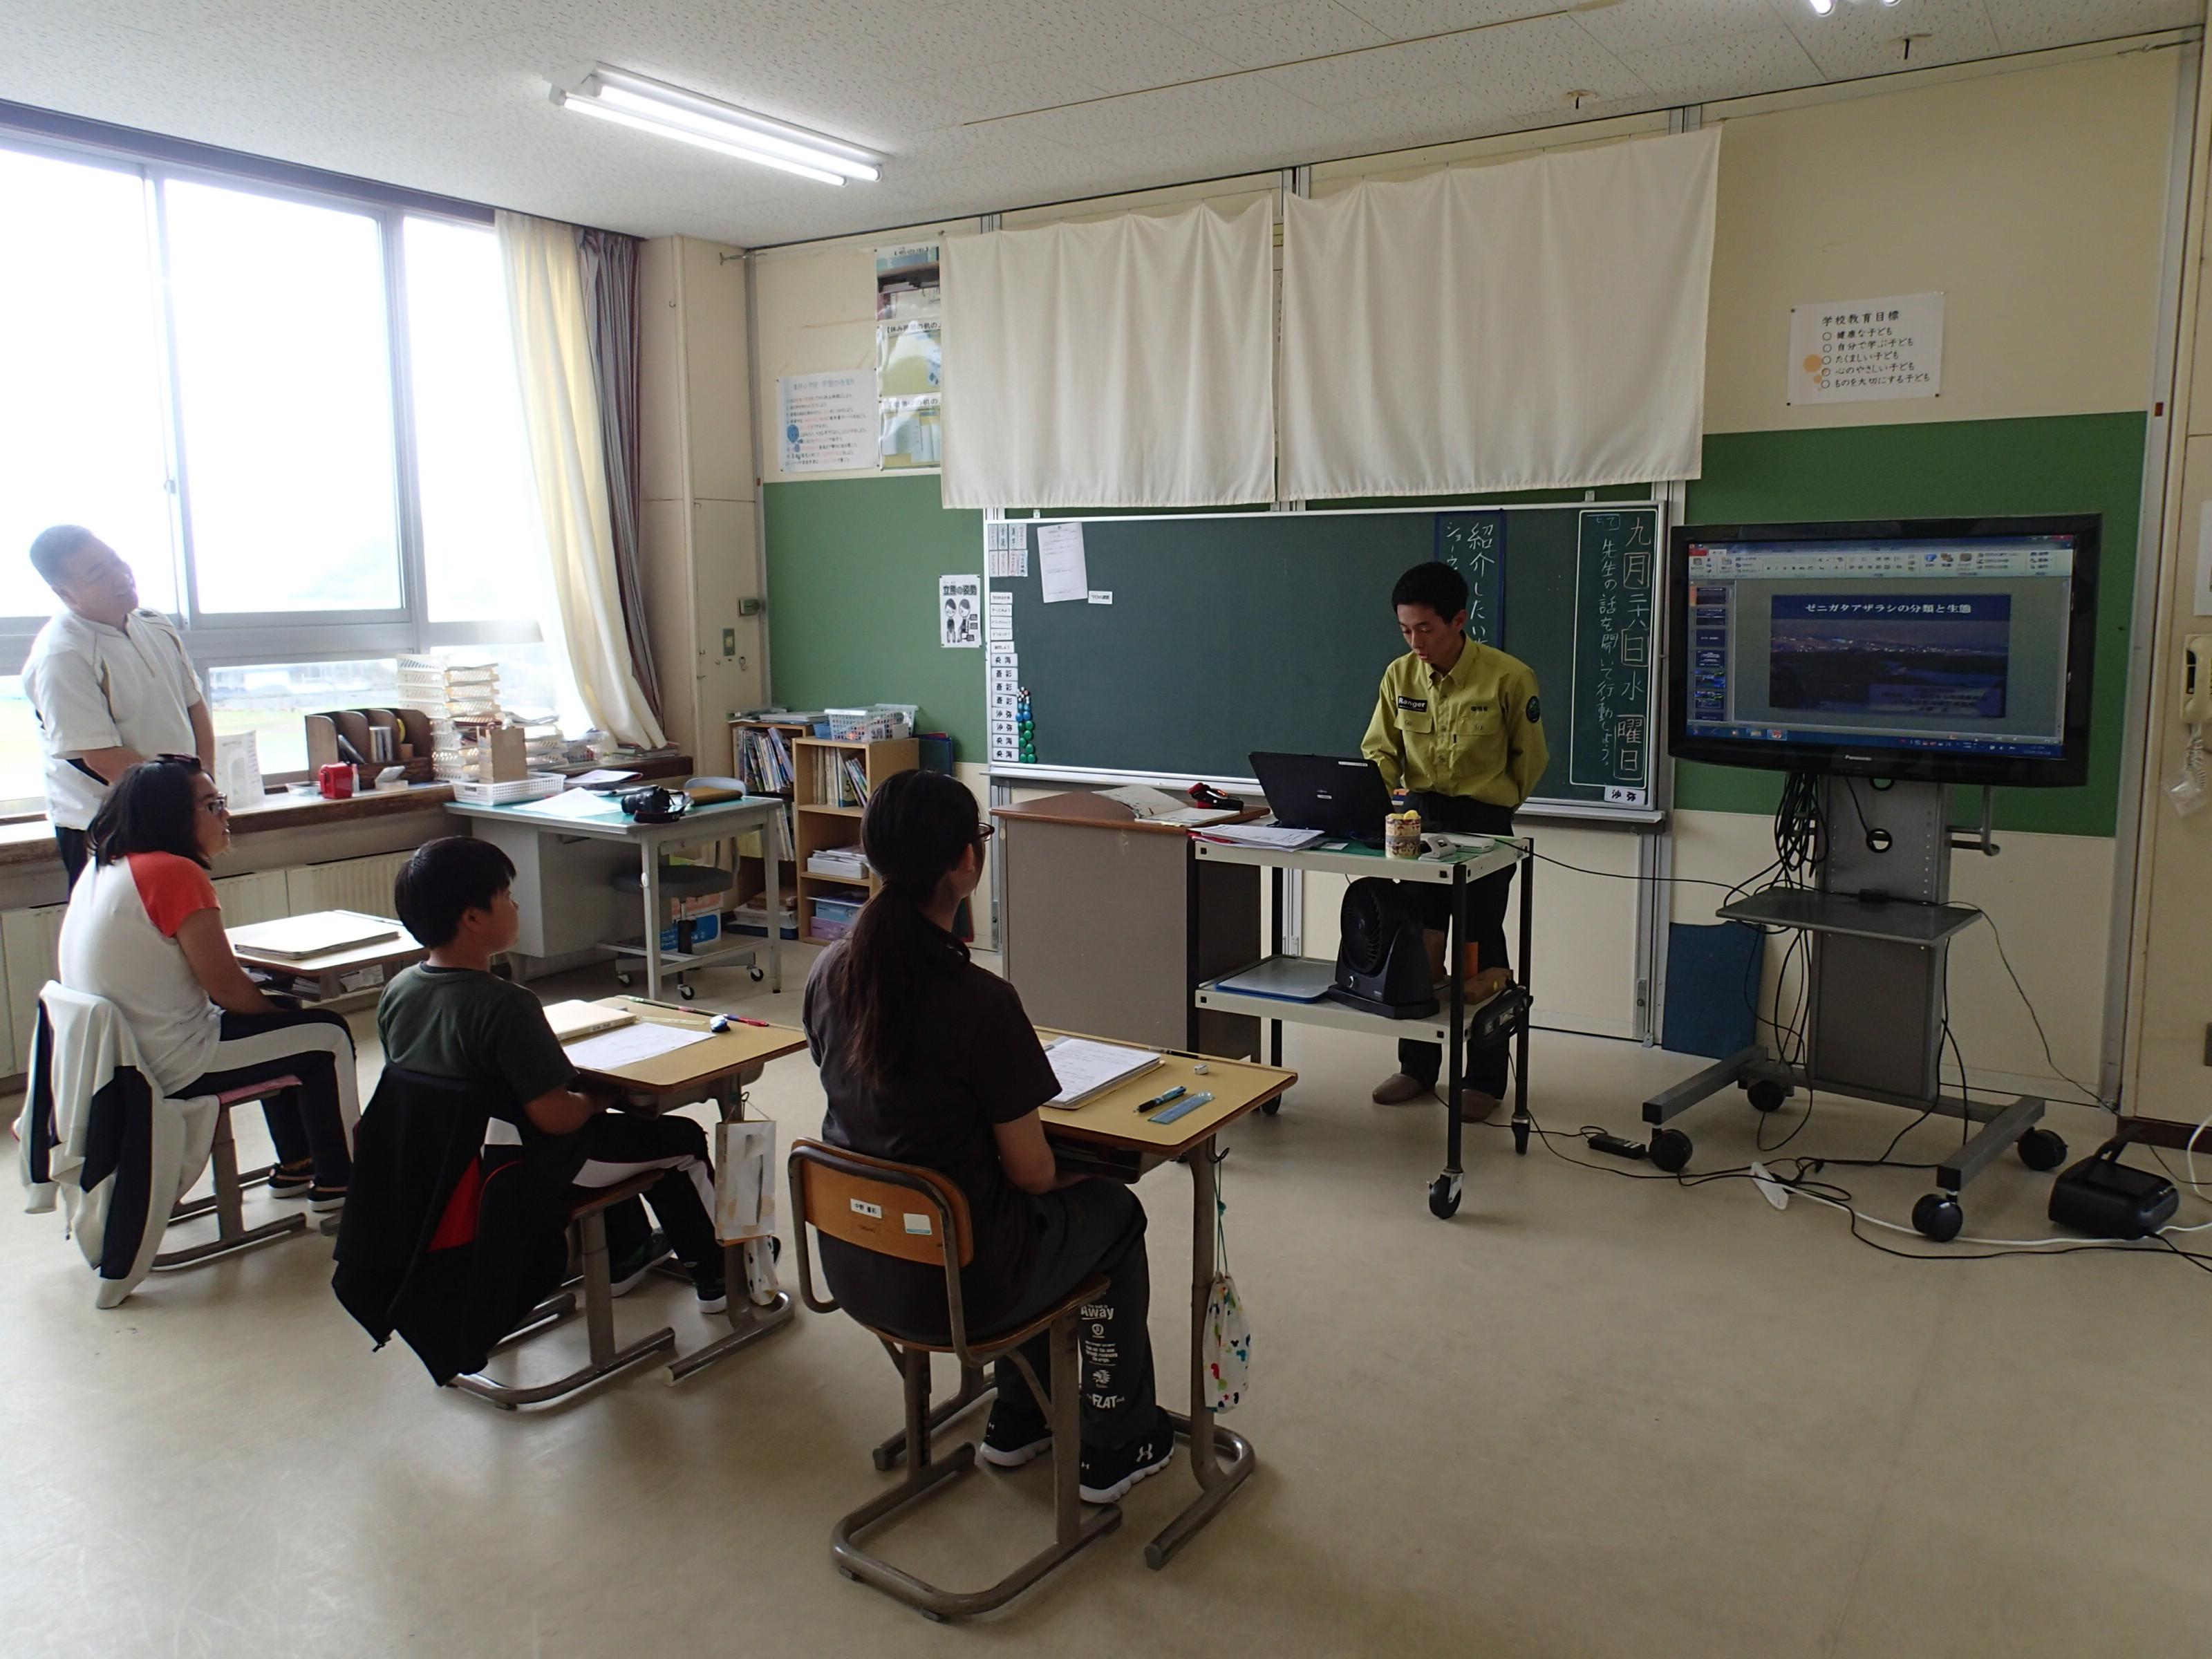 アクティブ・レンジャー日記 [北海道地区]_出張授業 えりも町東洋小学校